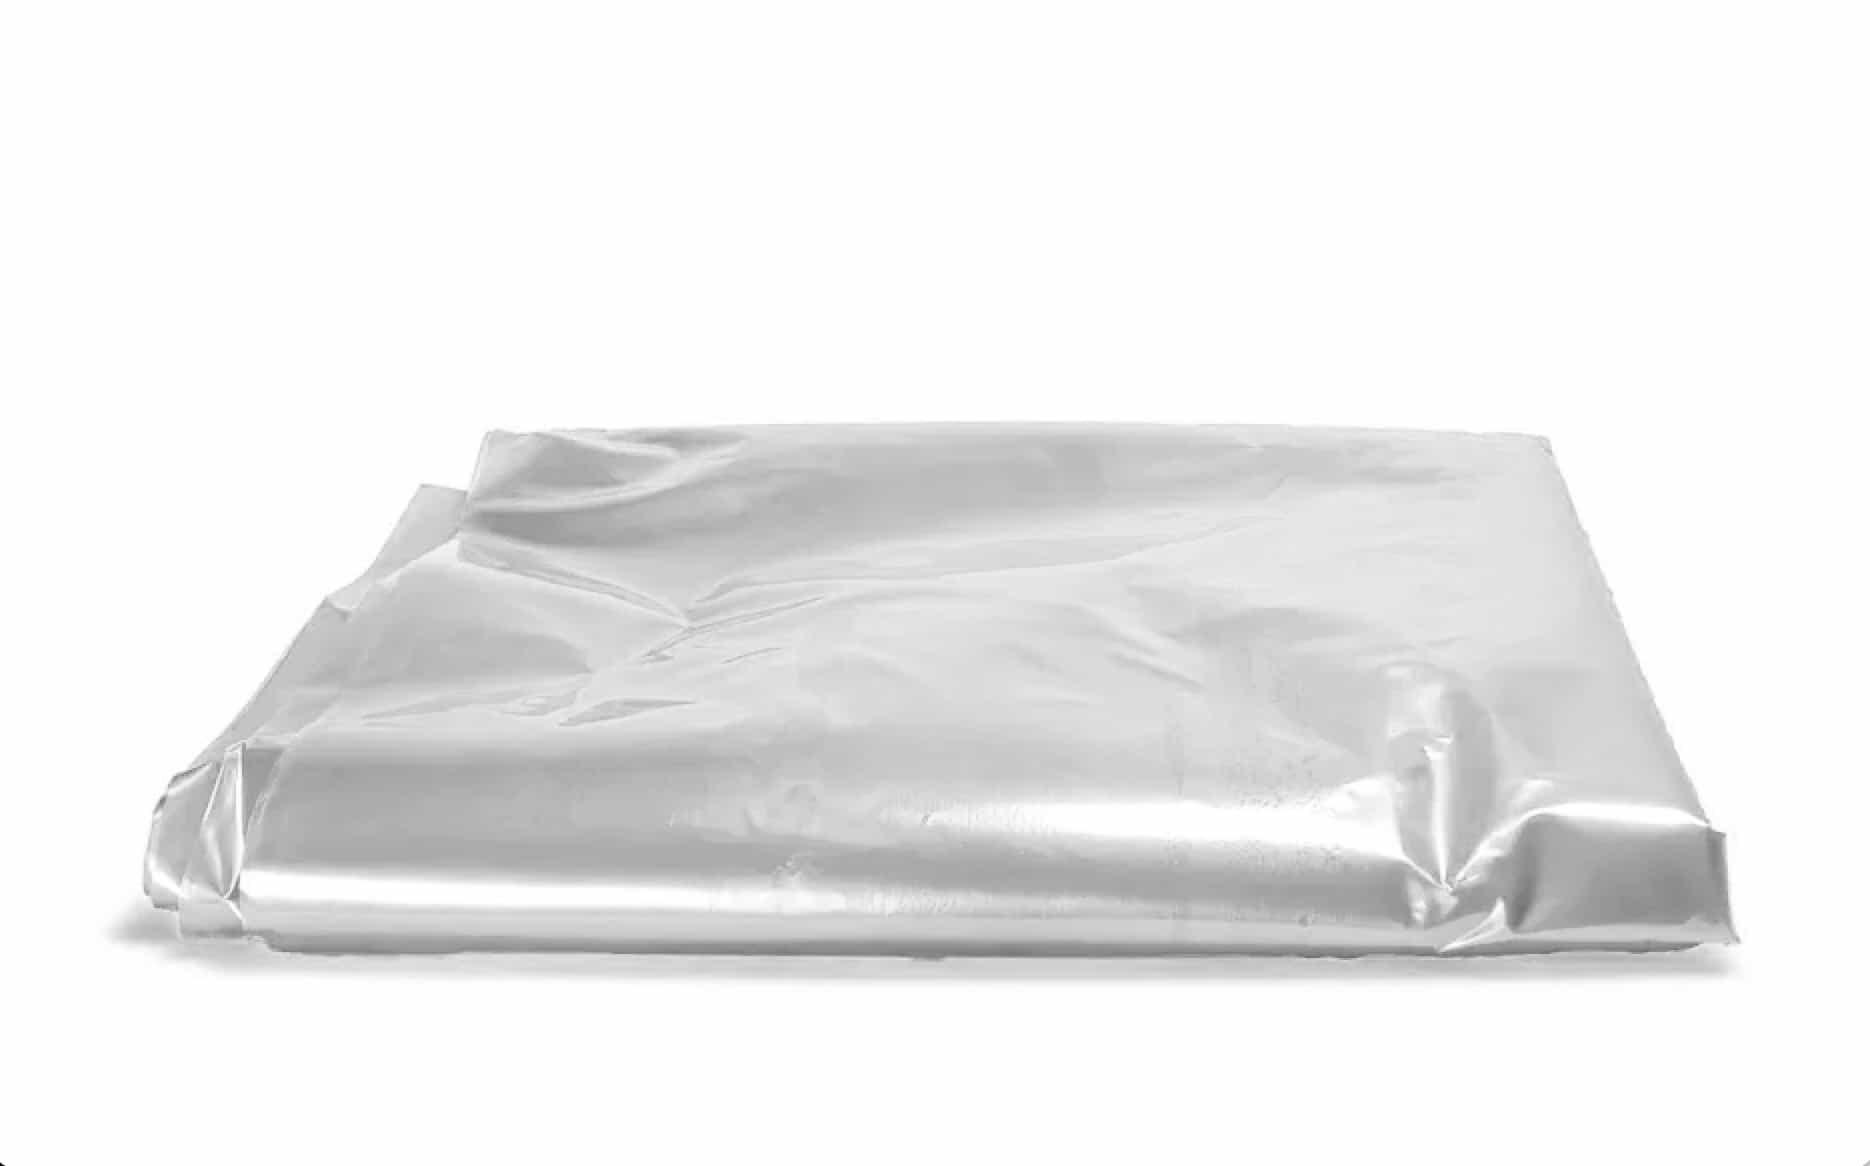 Plastic matrashoezen groen 1 persoons - 2300 x 1000 x 220mm (25 st)